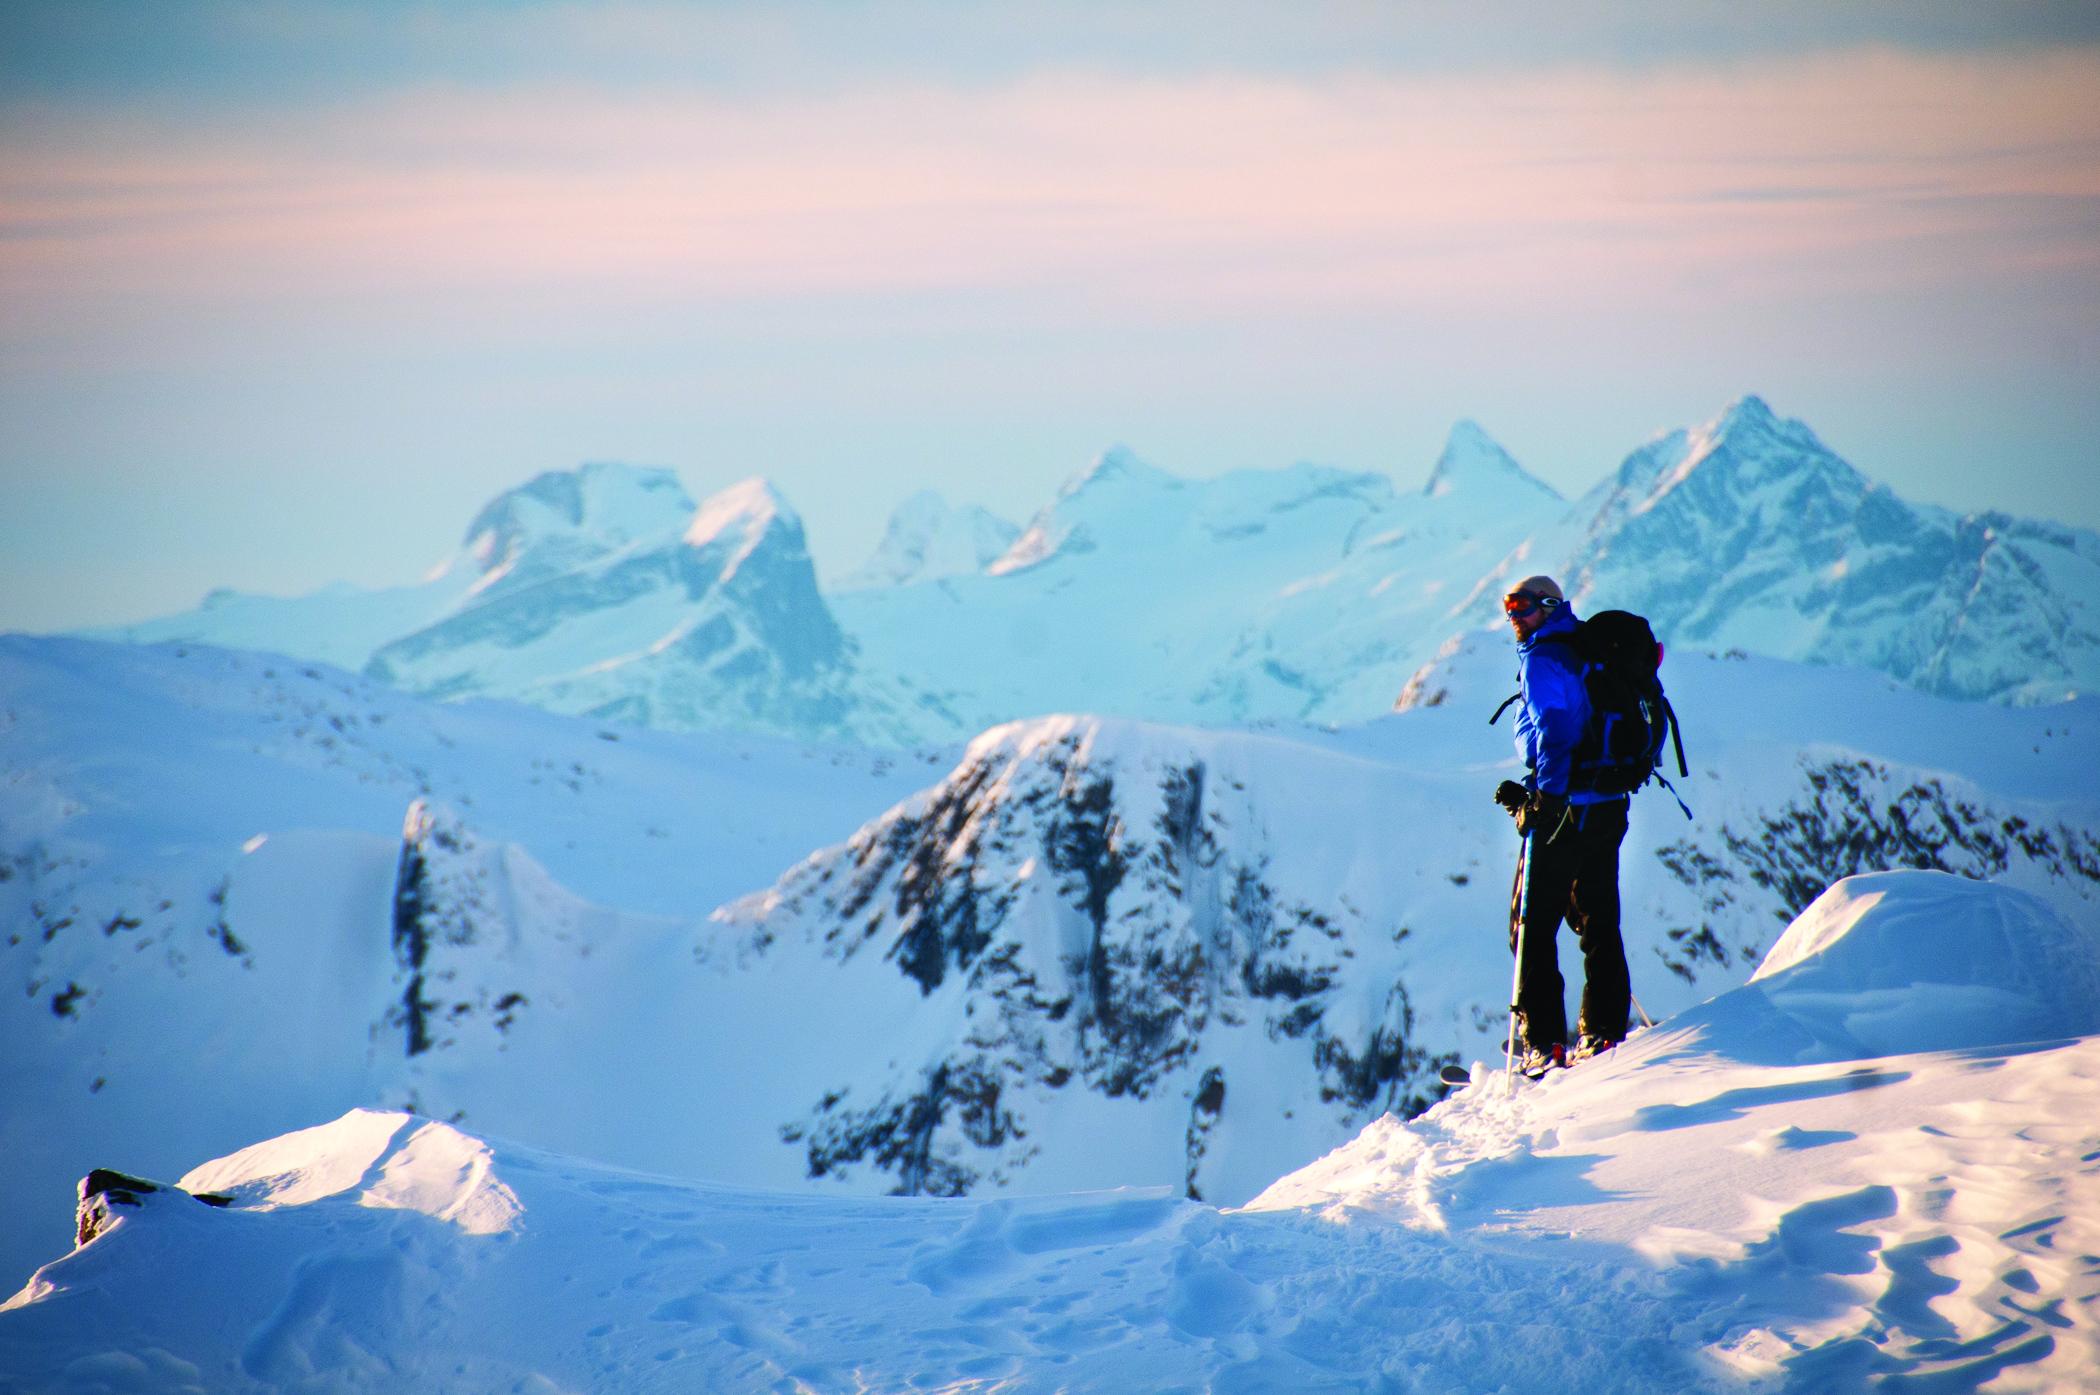 skiersview_karimedig.jpg